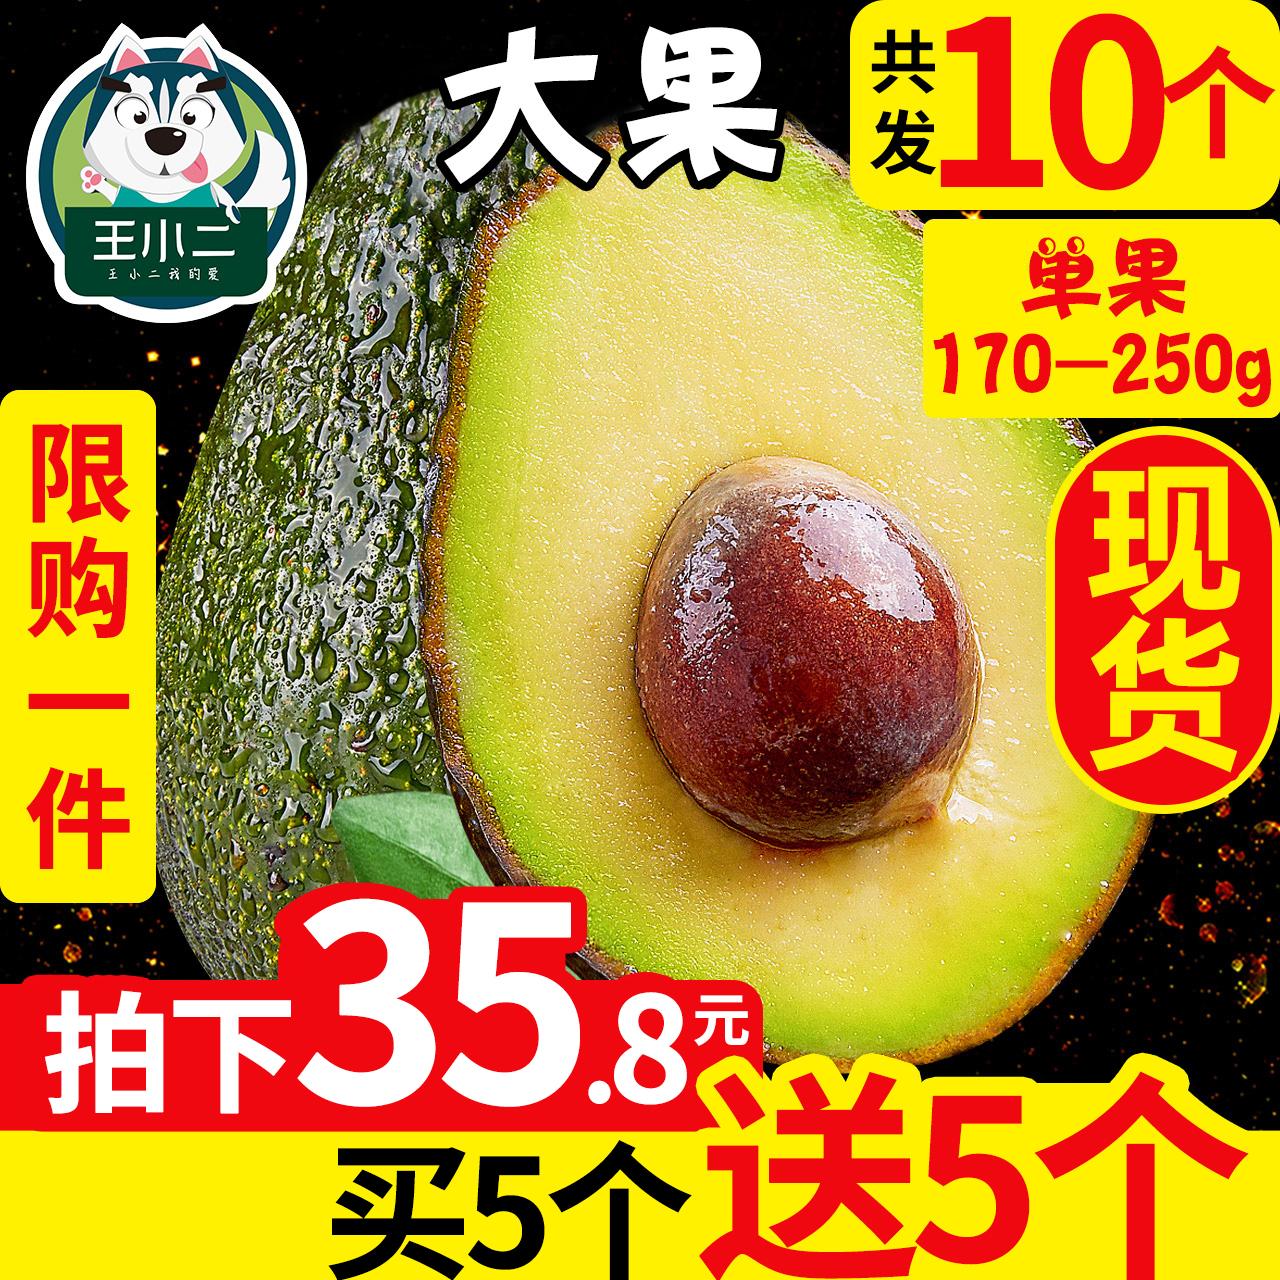 【买1送1】墨西哥进口牛油果中大果新鲜水果批发包邮当季应季鳄梨